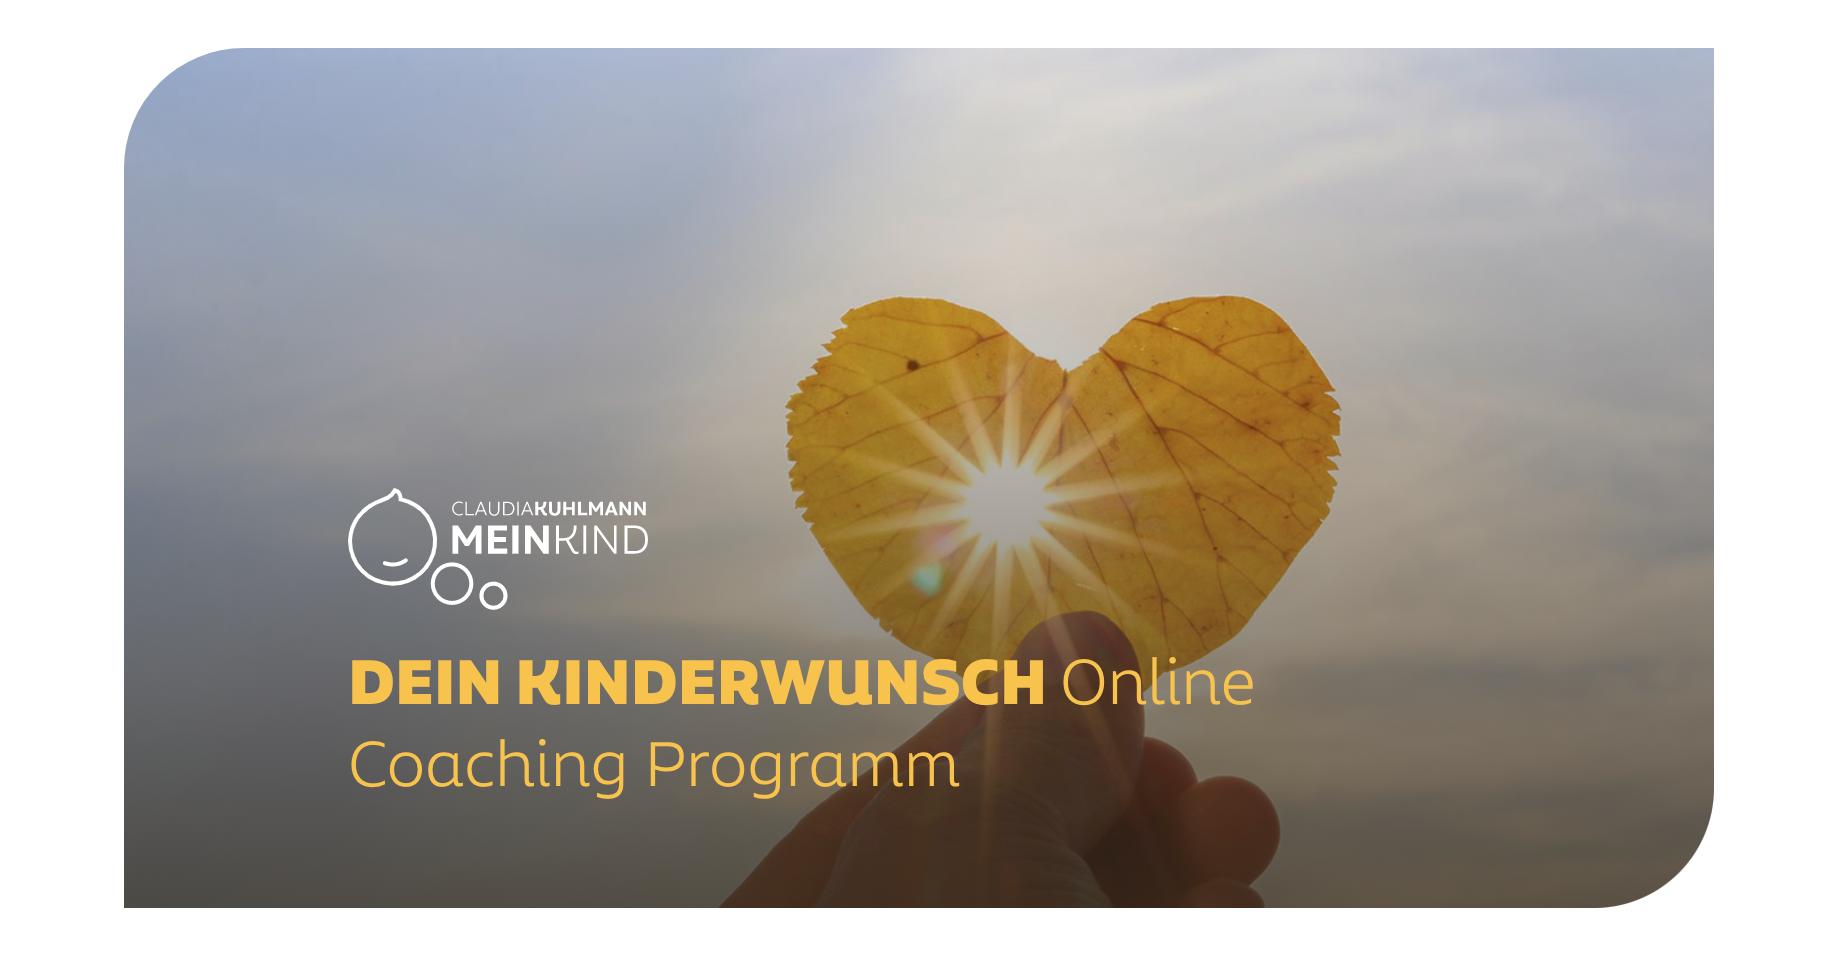 Kinderwunsch Online Programm